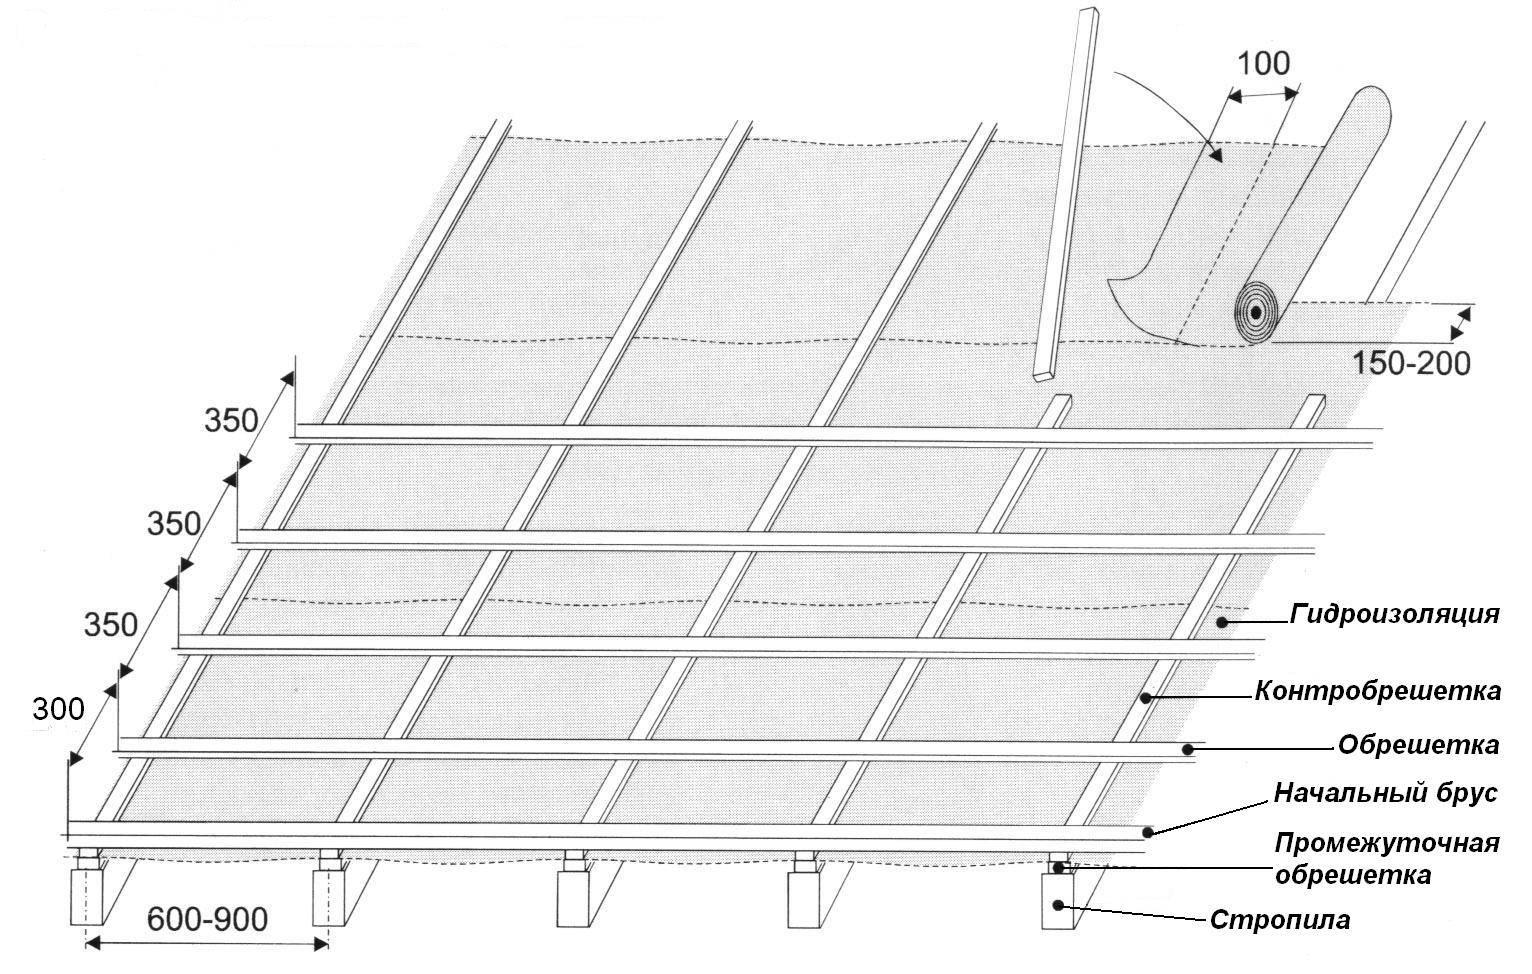 Как самостоятельно покрыть крышу гаража профнастилом?